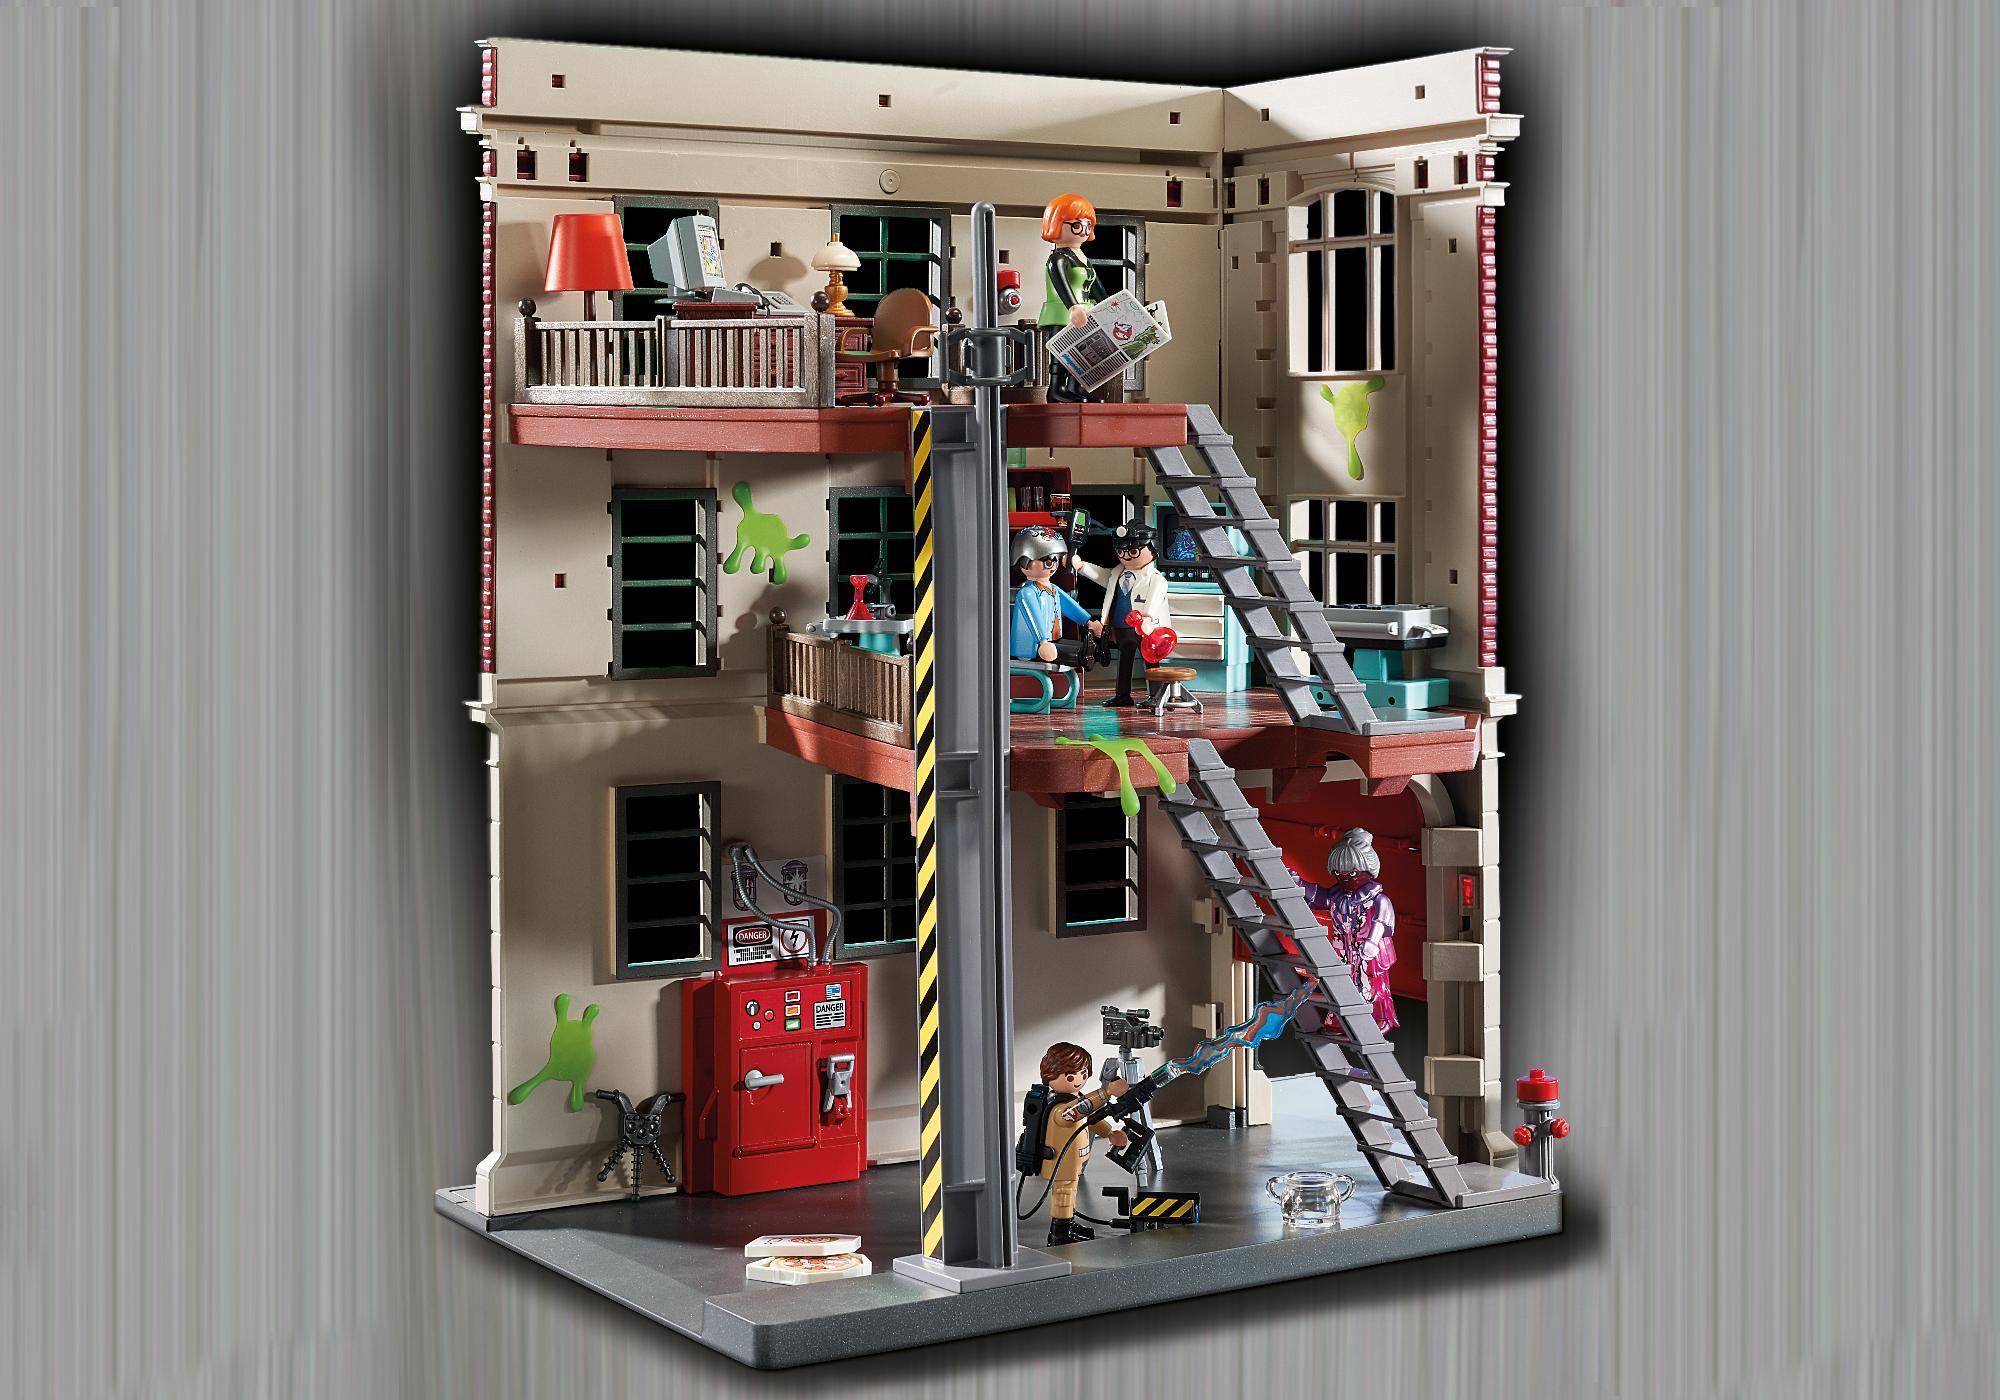 http://media.playmobil.com/i/playmobil/9219_product_extra5/Quartier Général Ghostbusters